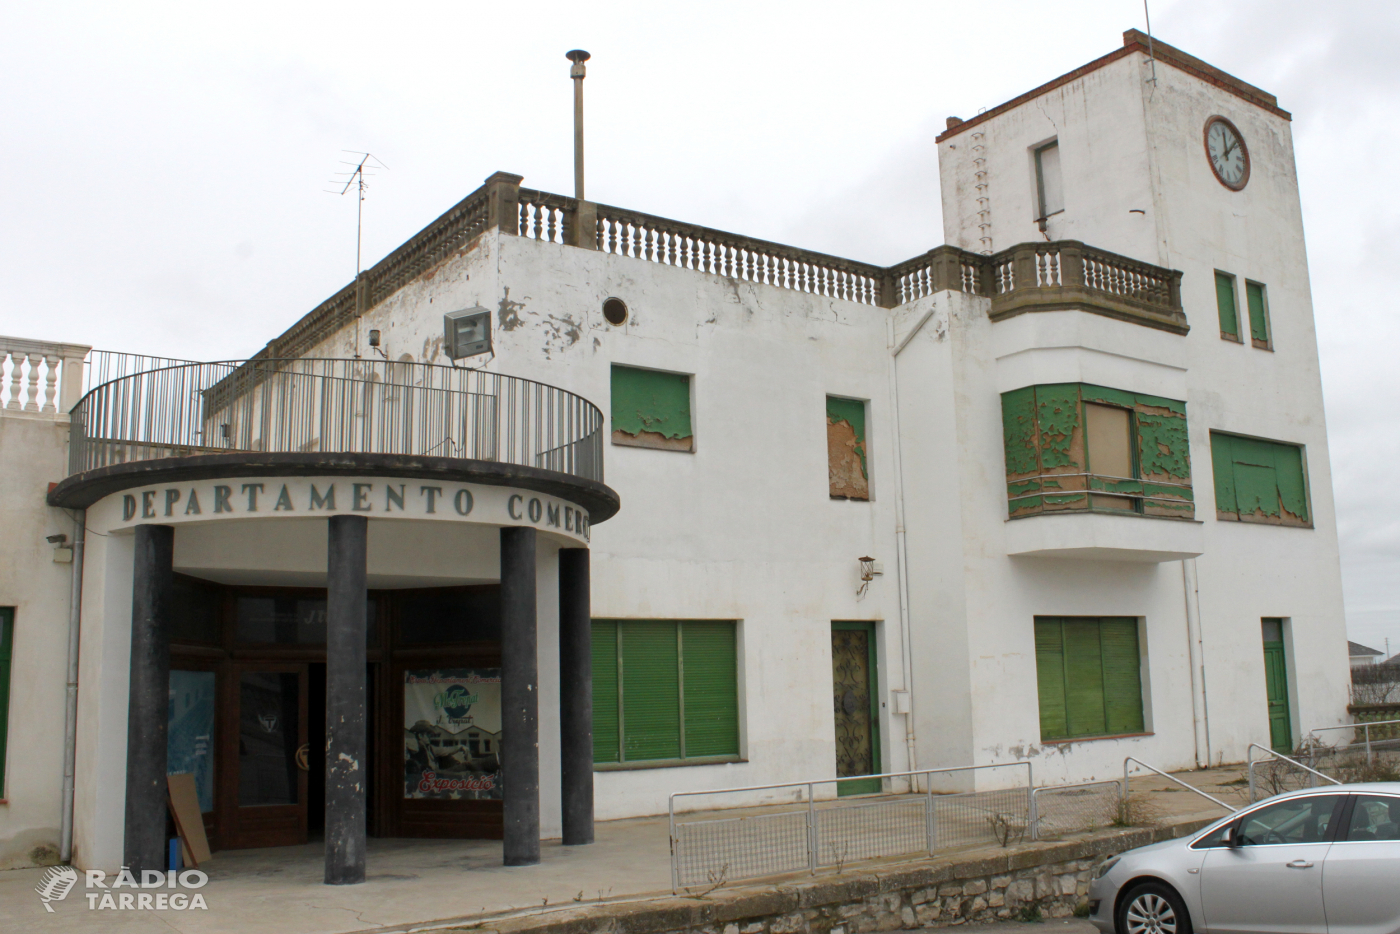 Adjudicada la rehabilitació de l'antic edifici d'oficines del conjunt arquitectònic de Cal Trepat